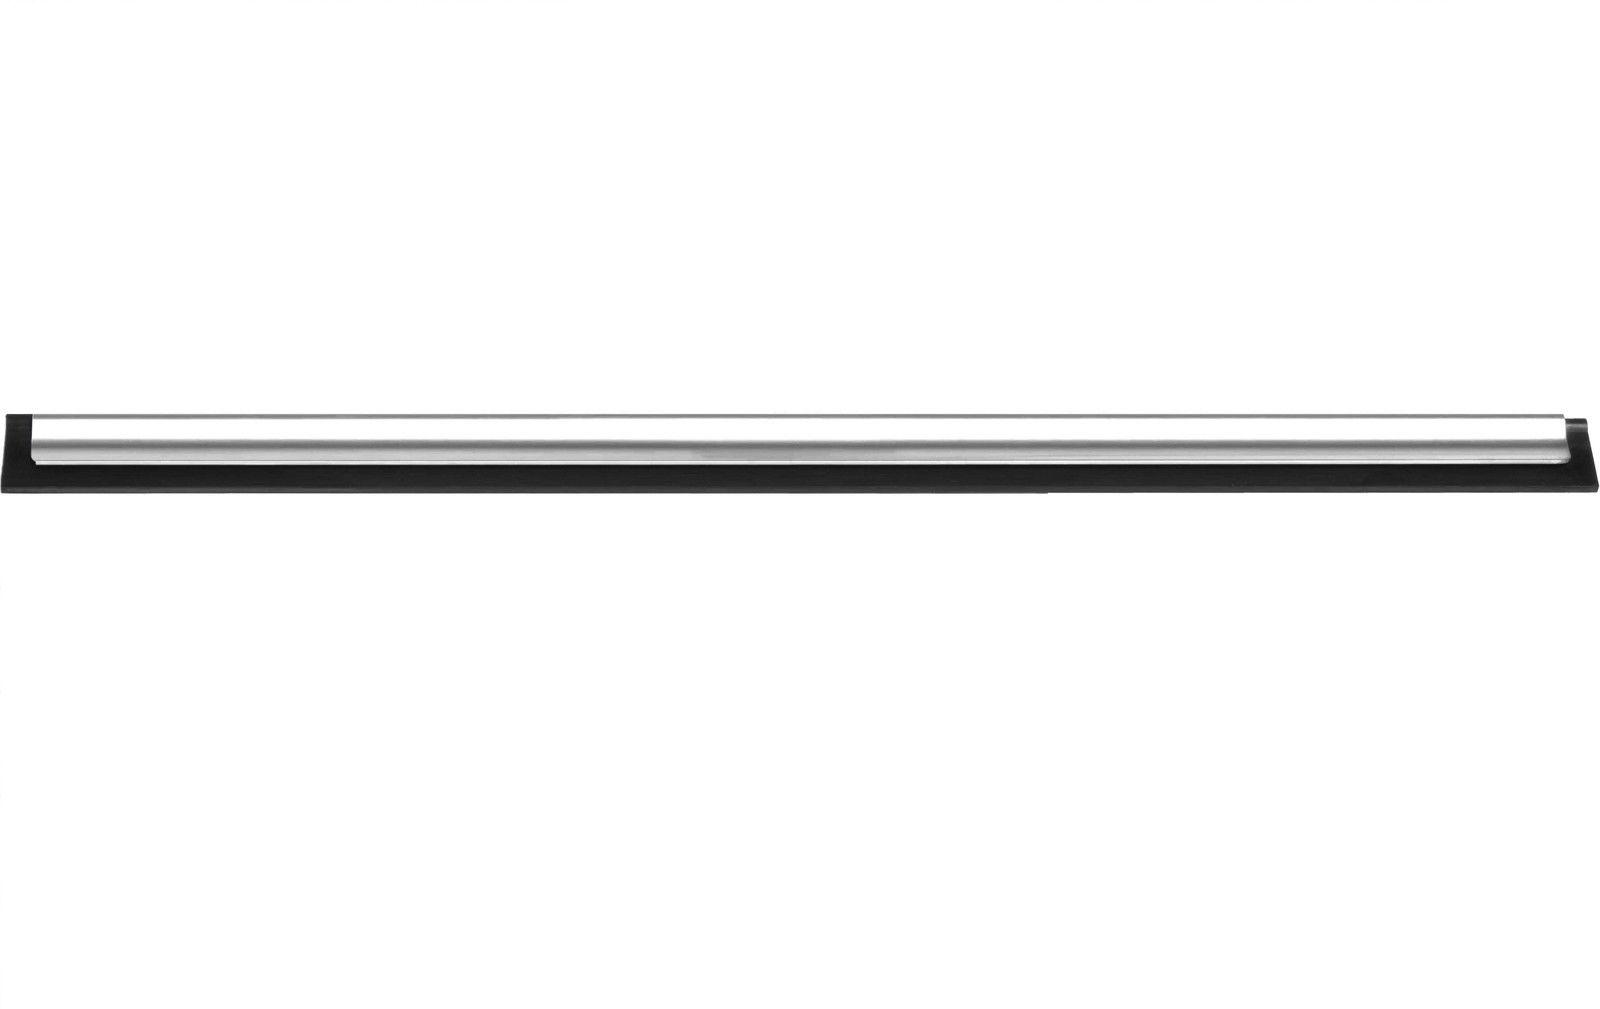 Full Size of Teleskopstange Photovoltaikreiniger Reinigungssysteme Fenster Bodentief Günstige Schüco Online Einbruchschutz Folie De Konfigurieren Schüko Folien Für Fenster Teleskopstange Fenster